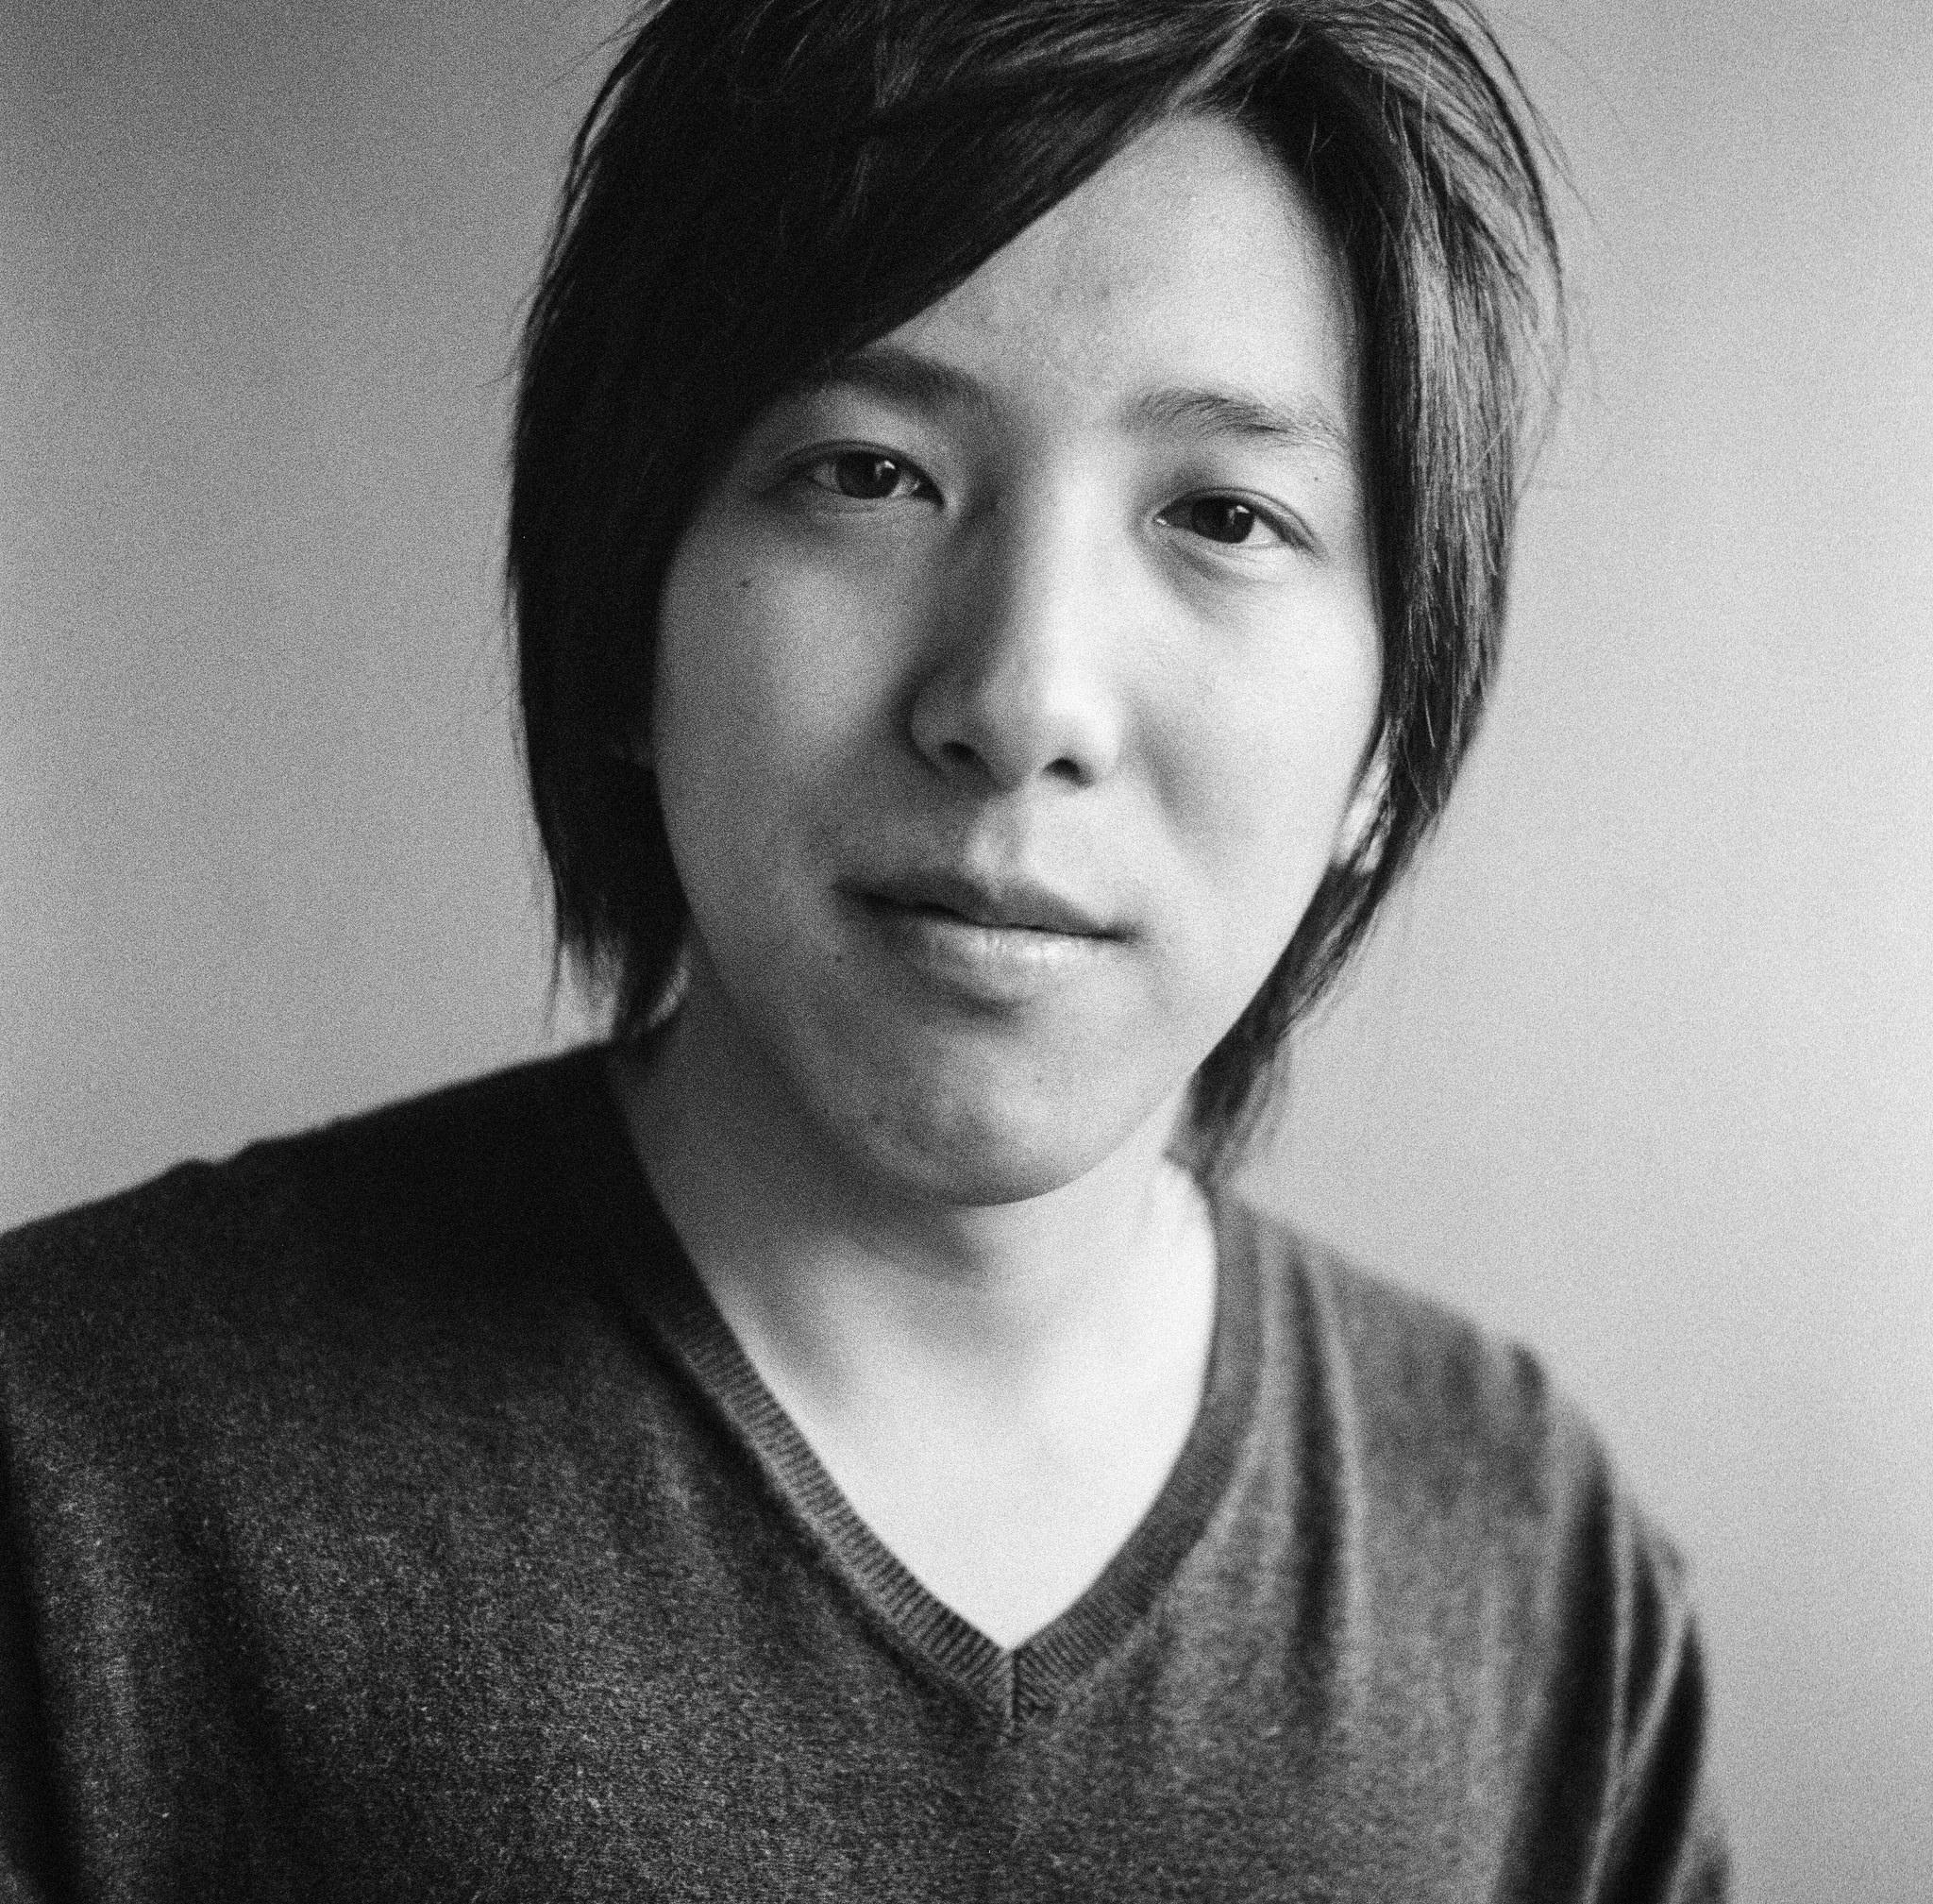 09-Ryan-Zhang-bio